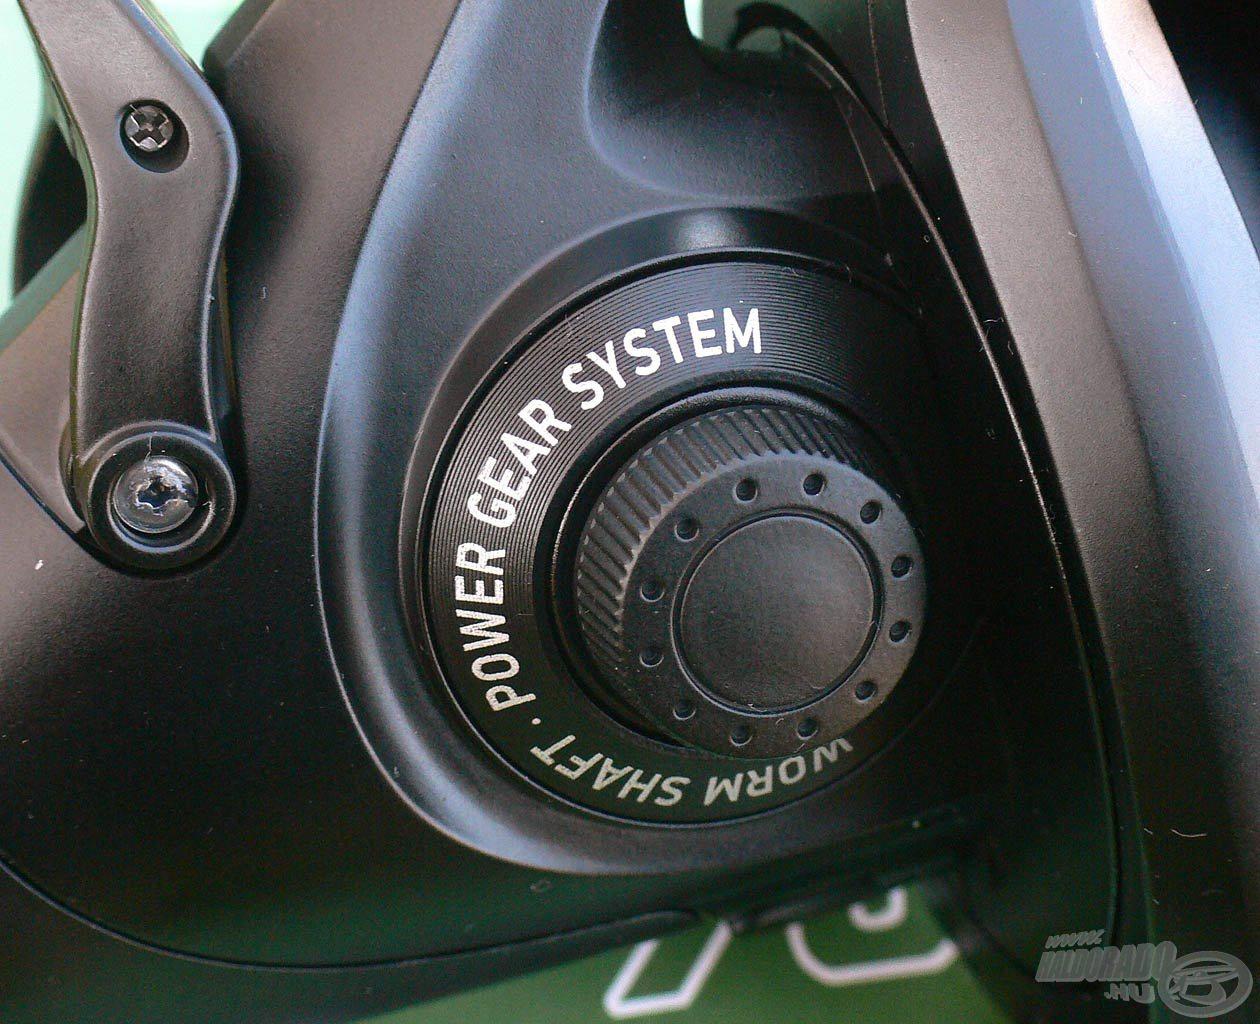 Worm Shaft rendszert ennél a modellnél is használja a gyártó